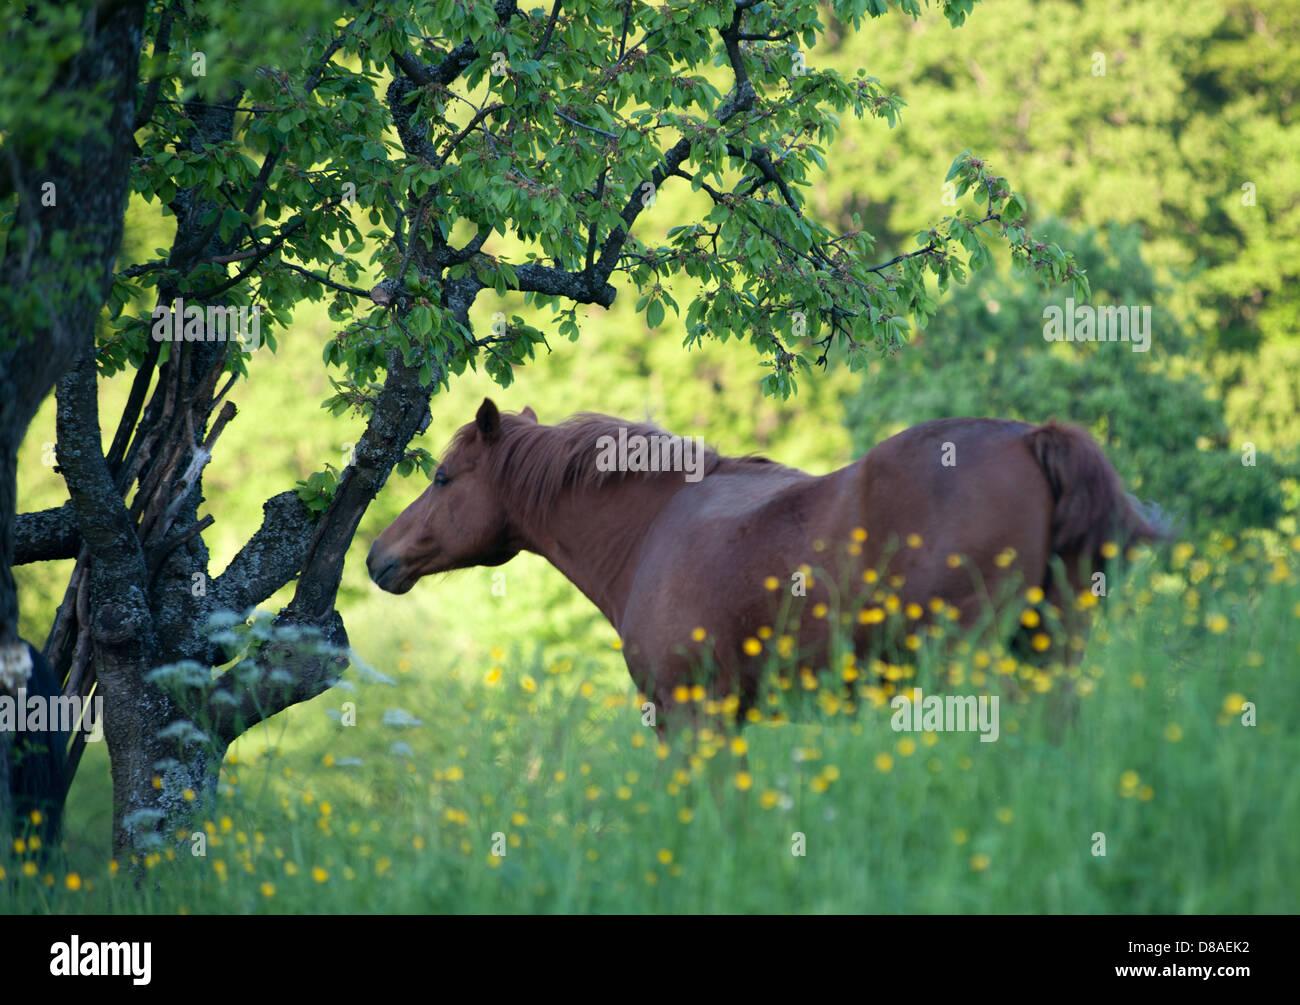 brown horse in flower meadow with fruit trees, Schwabian Alb Biosphere Reserve/Schwaebische Alb Biosphaeren Reservat,Germany - Stock Image